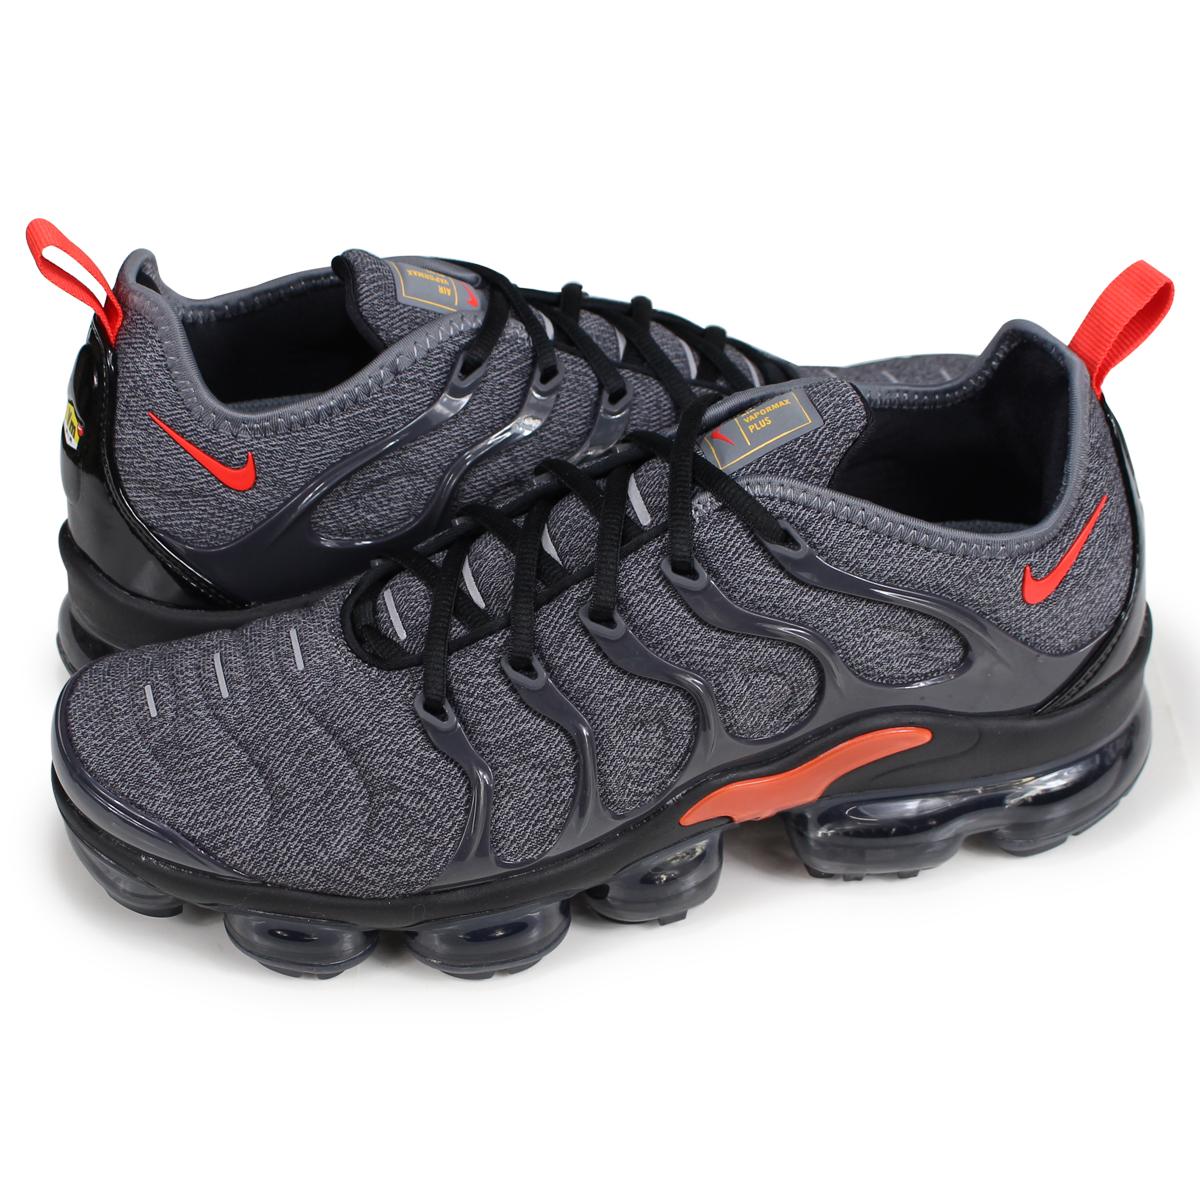 d60d544304737 Whats up Sports  NIKE AIR VAPORMAX PLUS Nike air vapor max plus ...